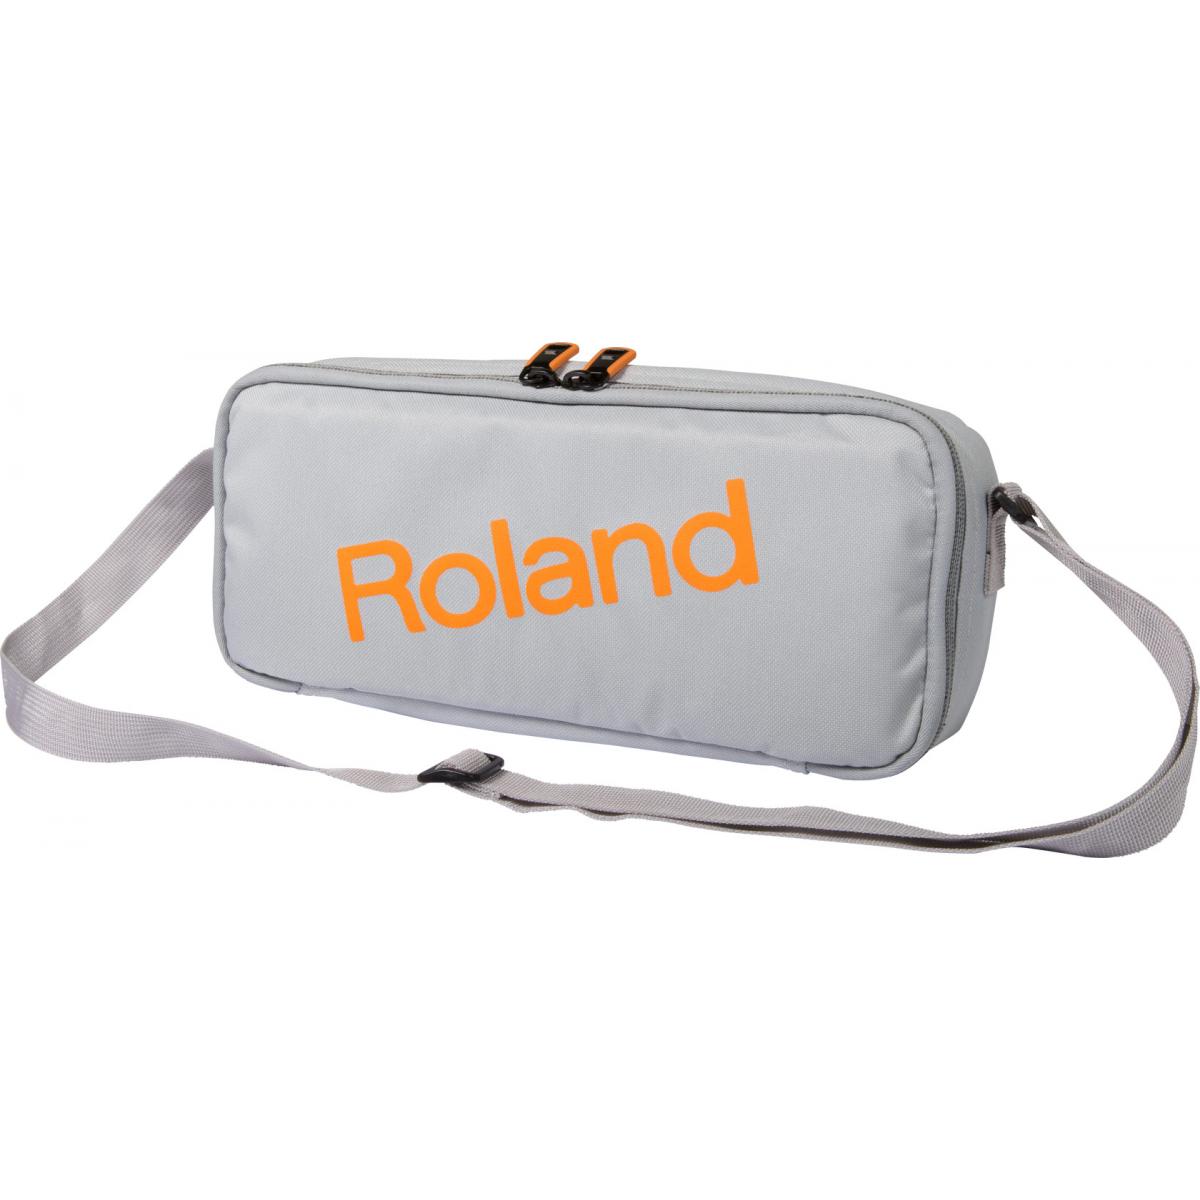 Housses matériel Home studio - Roland - CB-PBR1